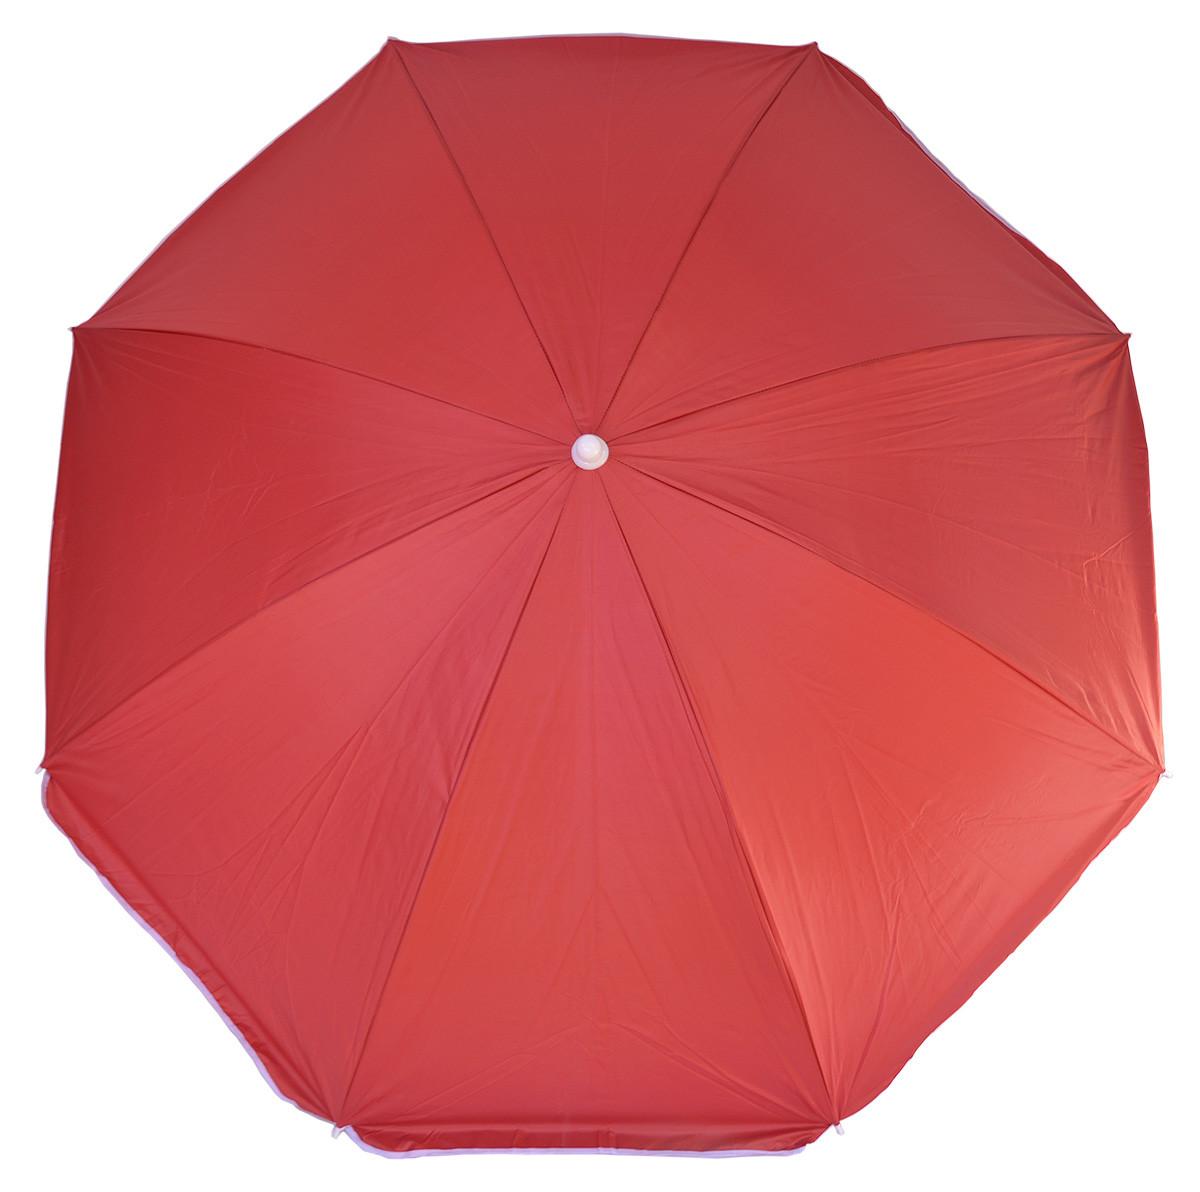 Зонт пляжный однотонный с серебристым напылением 1.8м